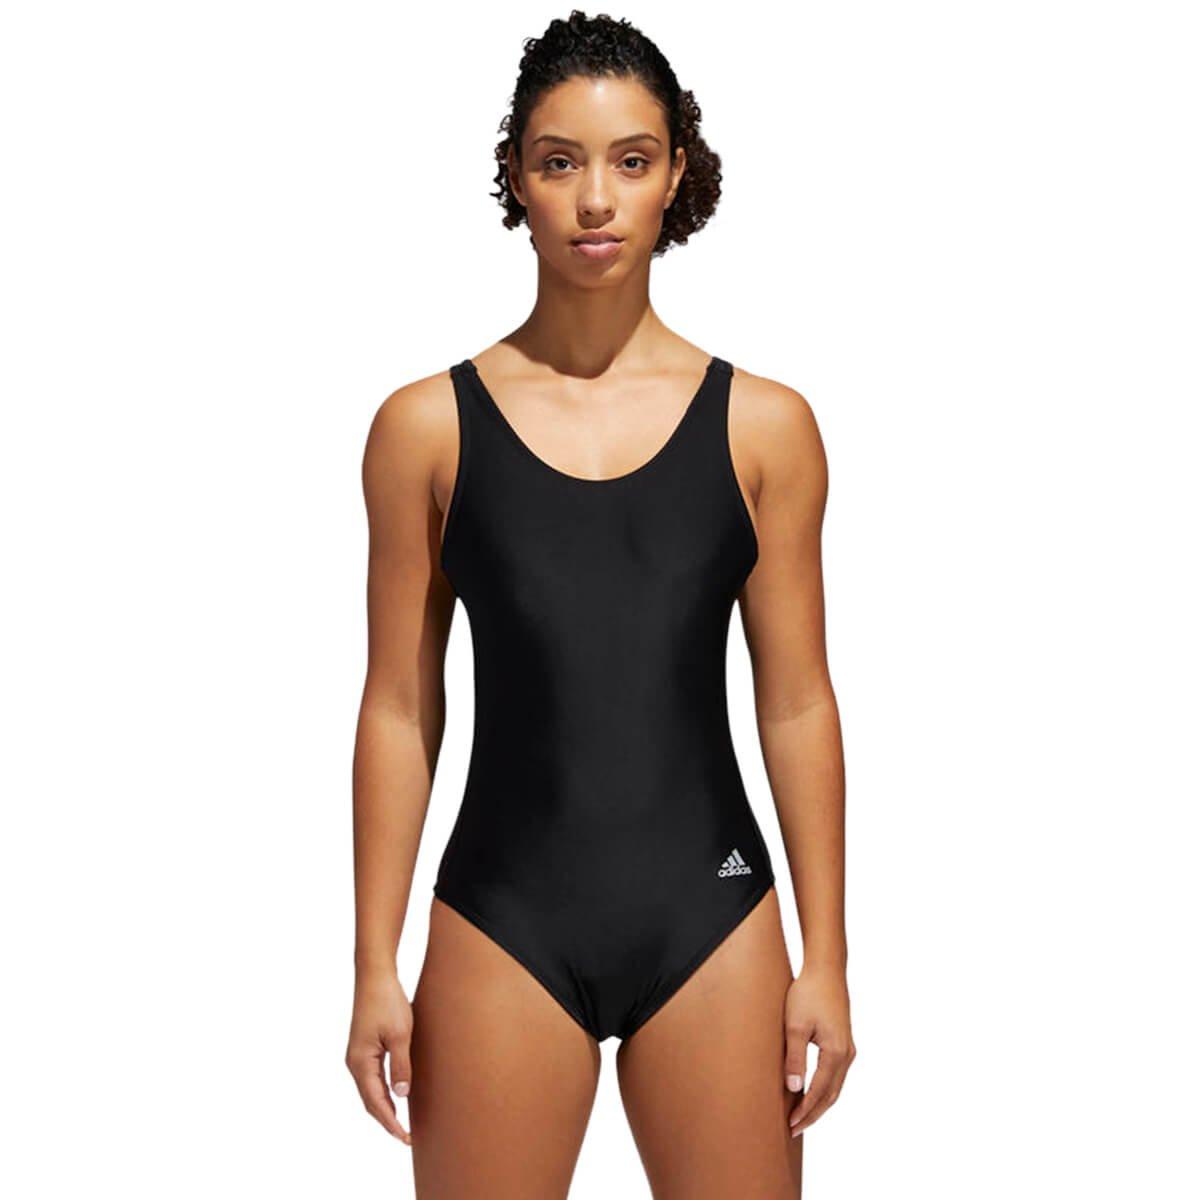 923619198d0 Bizz Store - Maiô Feminino Adidas Essence Brasil Natação